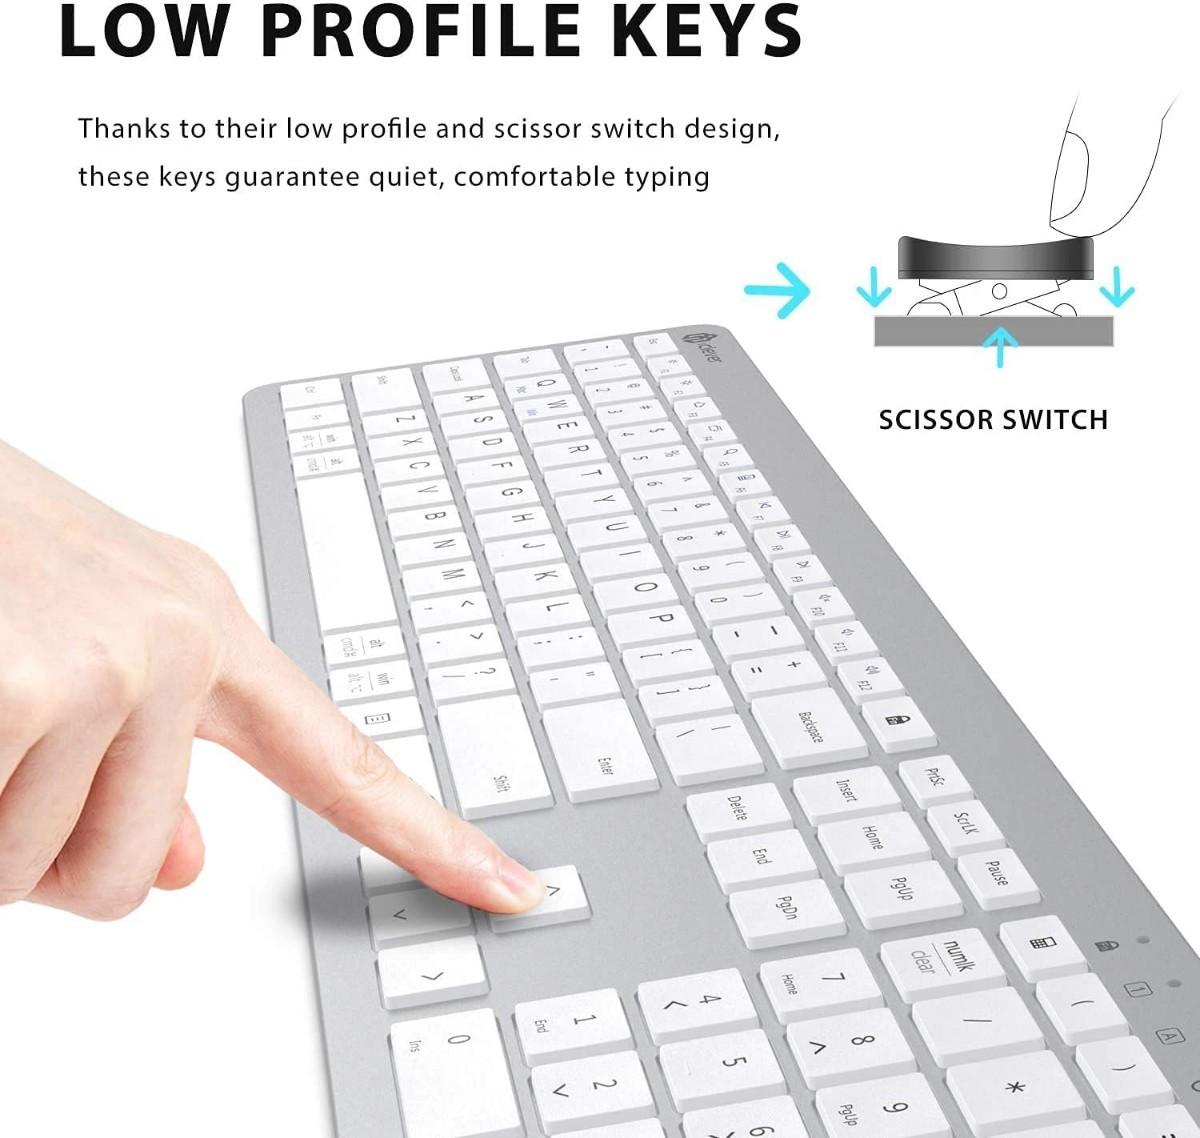 iClever ワイヤレス キーボード テンキー付き 充電式 フルサイズ 2.4G 無線 US配列 GKA33S シルバー